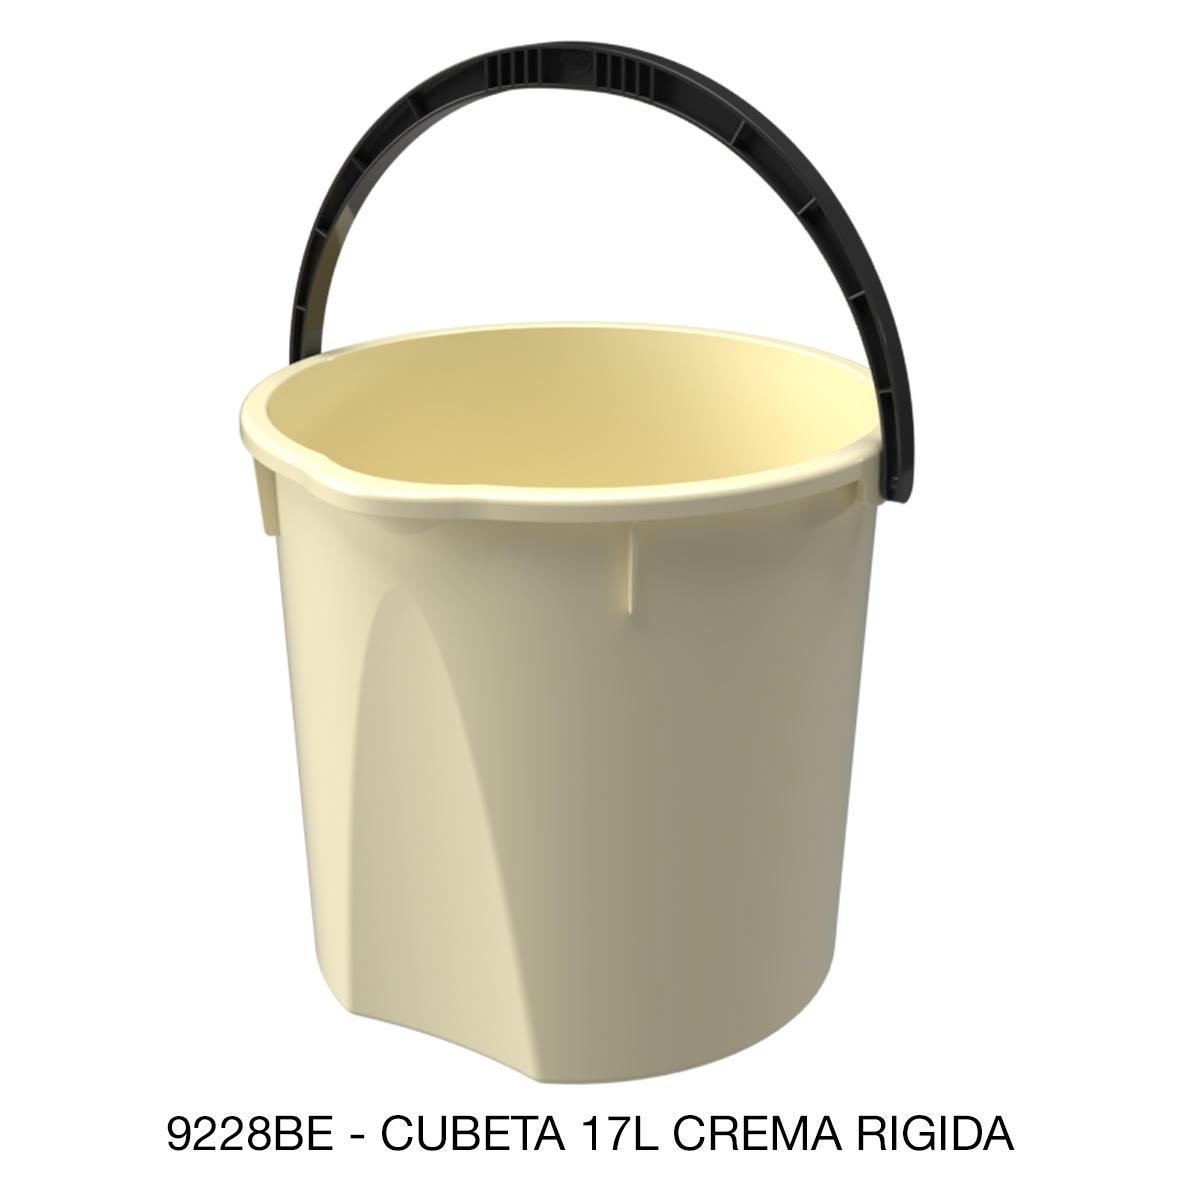 Cubeta resistente de 17 rígida litros color crema modelo 9228BE de Sablón